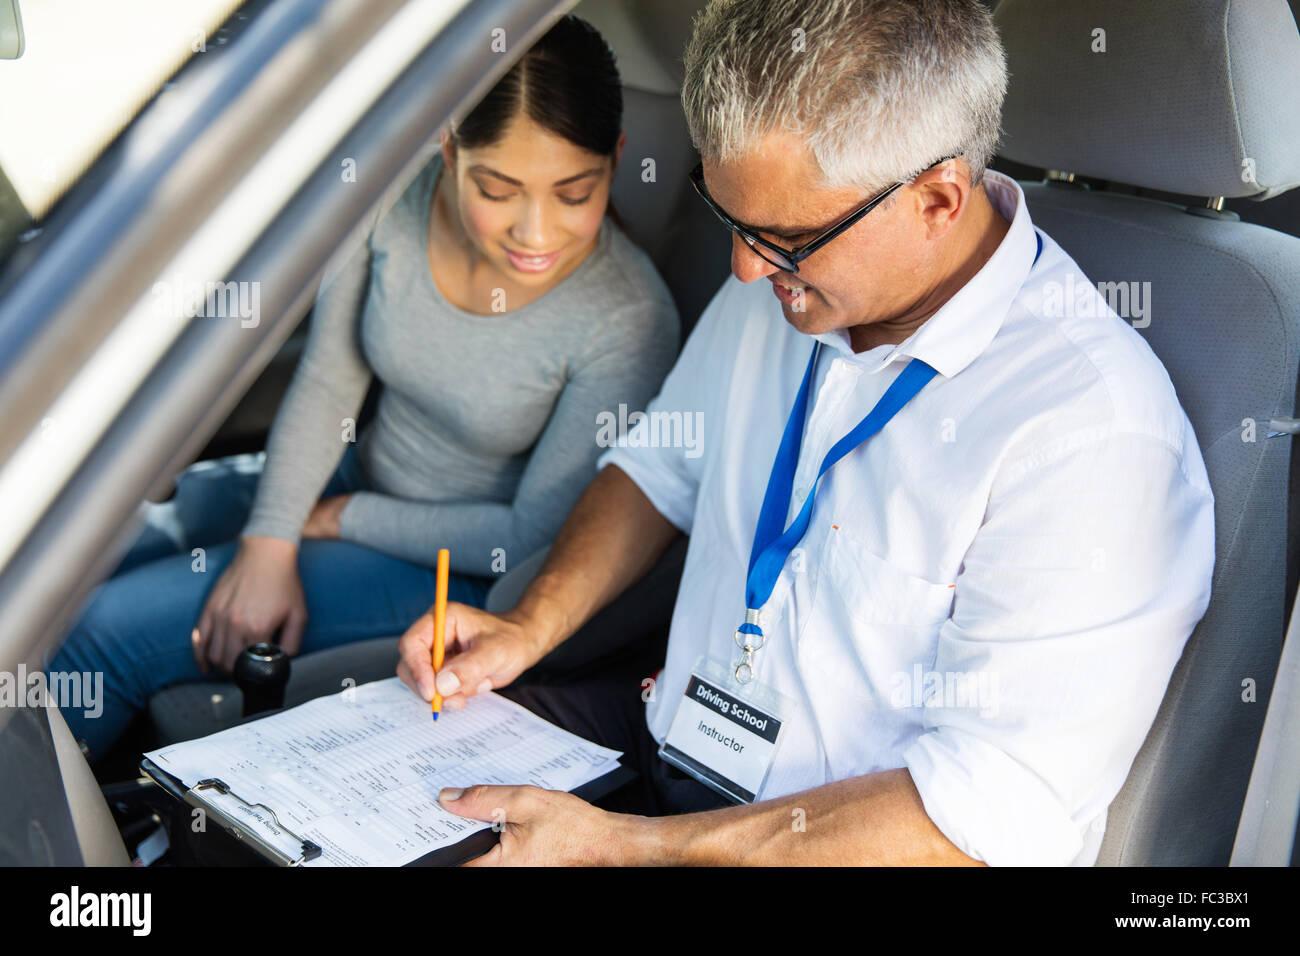 Porträt von senior Fahrlehrer und Schüler Fahrer während der Lektion Stockbild